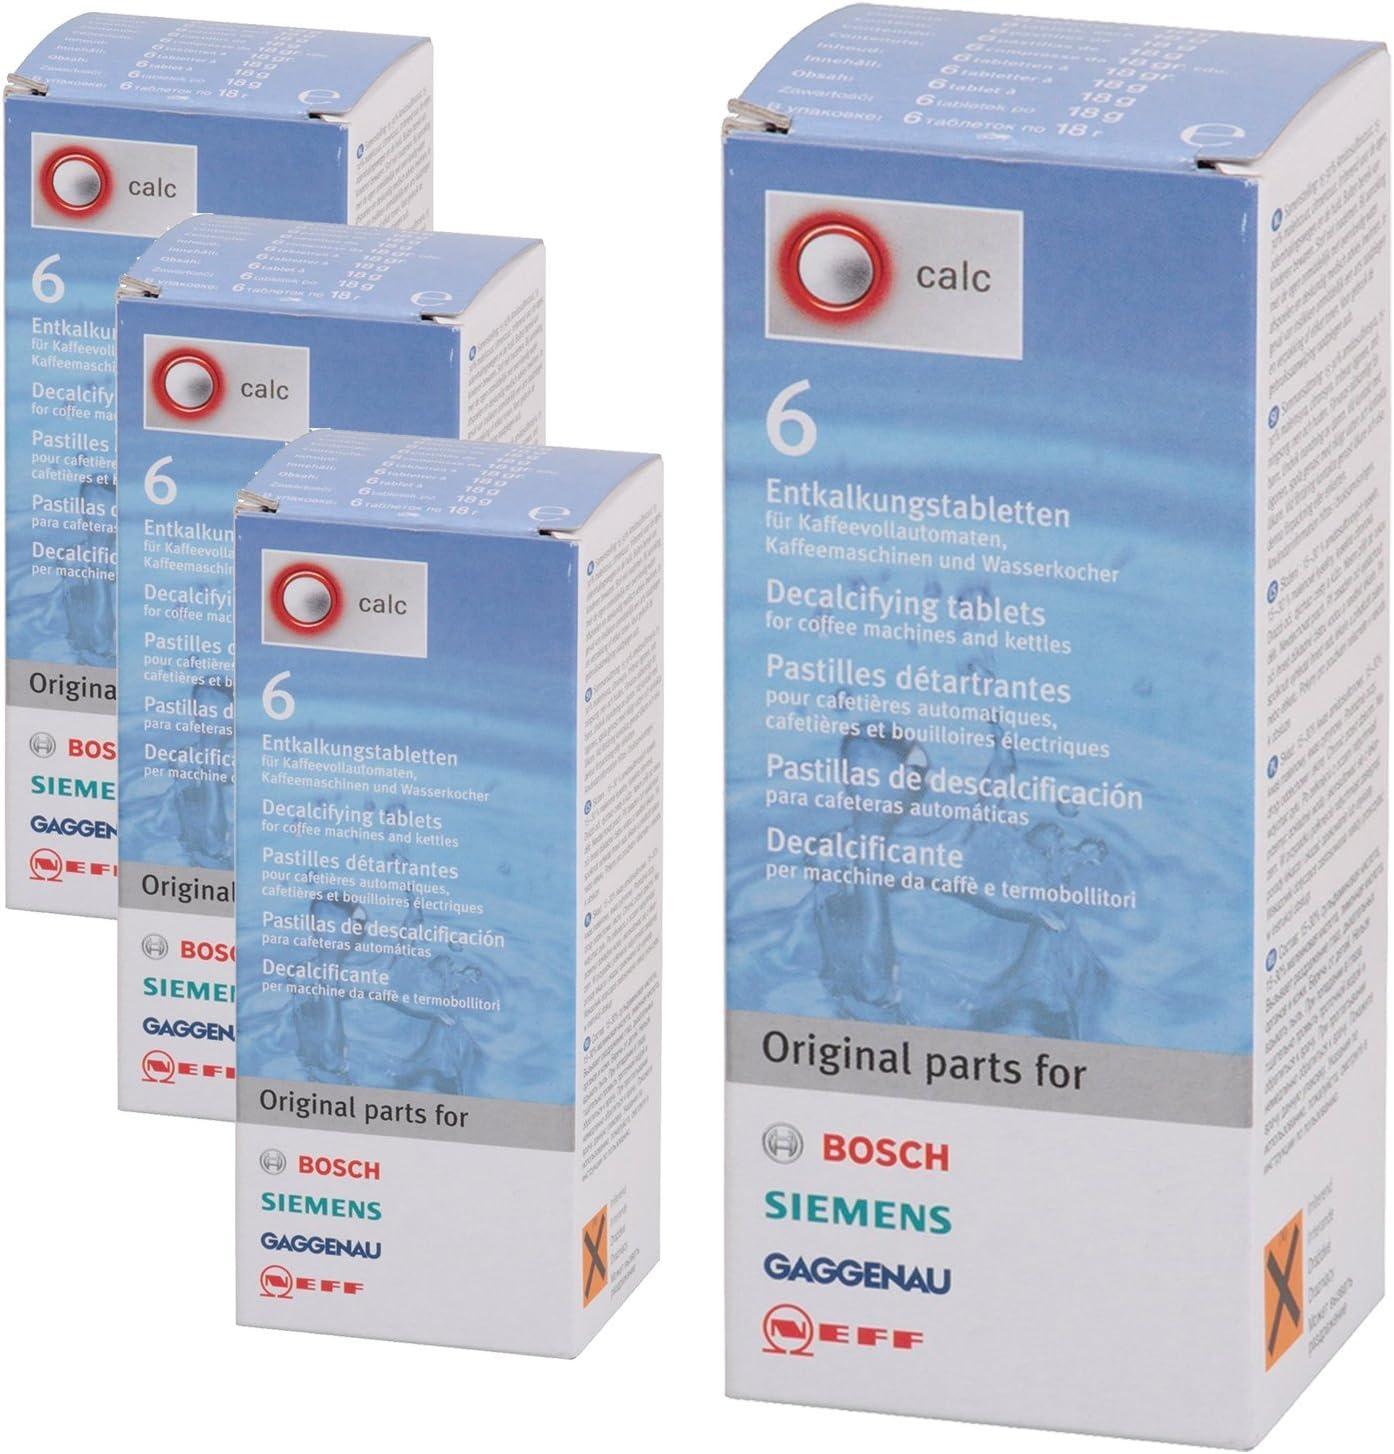 4 x pastillas antical de Bosch Siemens Sobrinos tkalkung de café automáticas: Amazon.es: Hogar